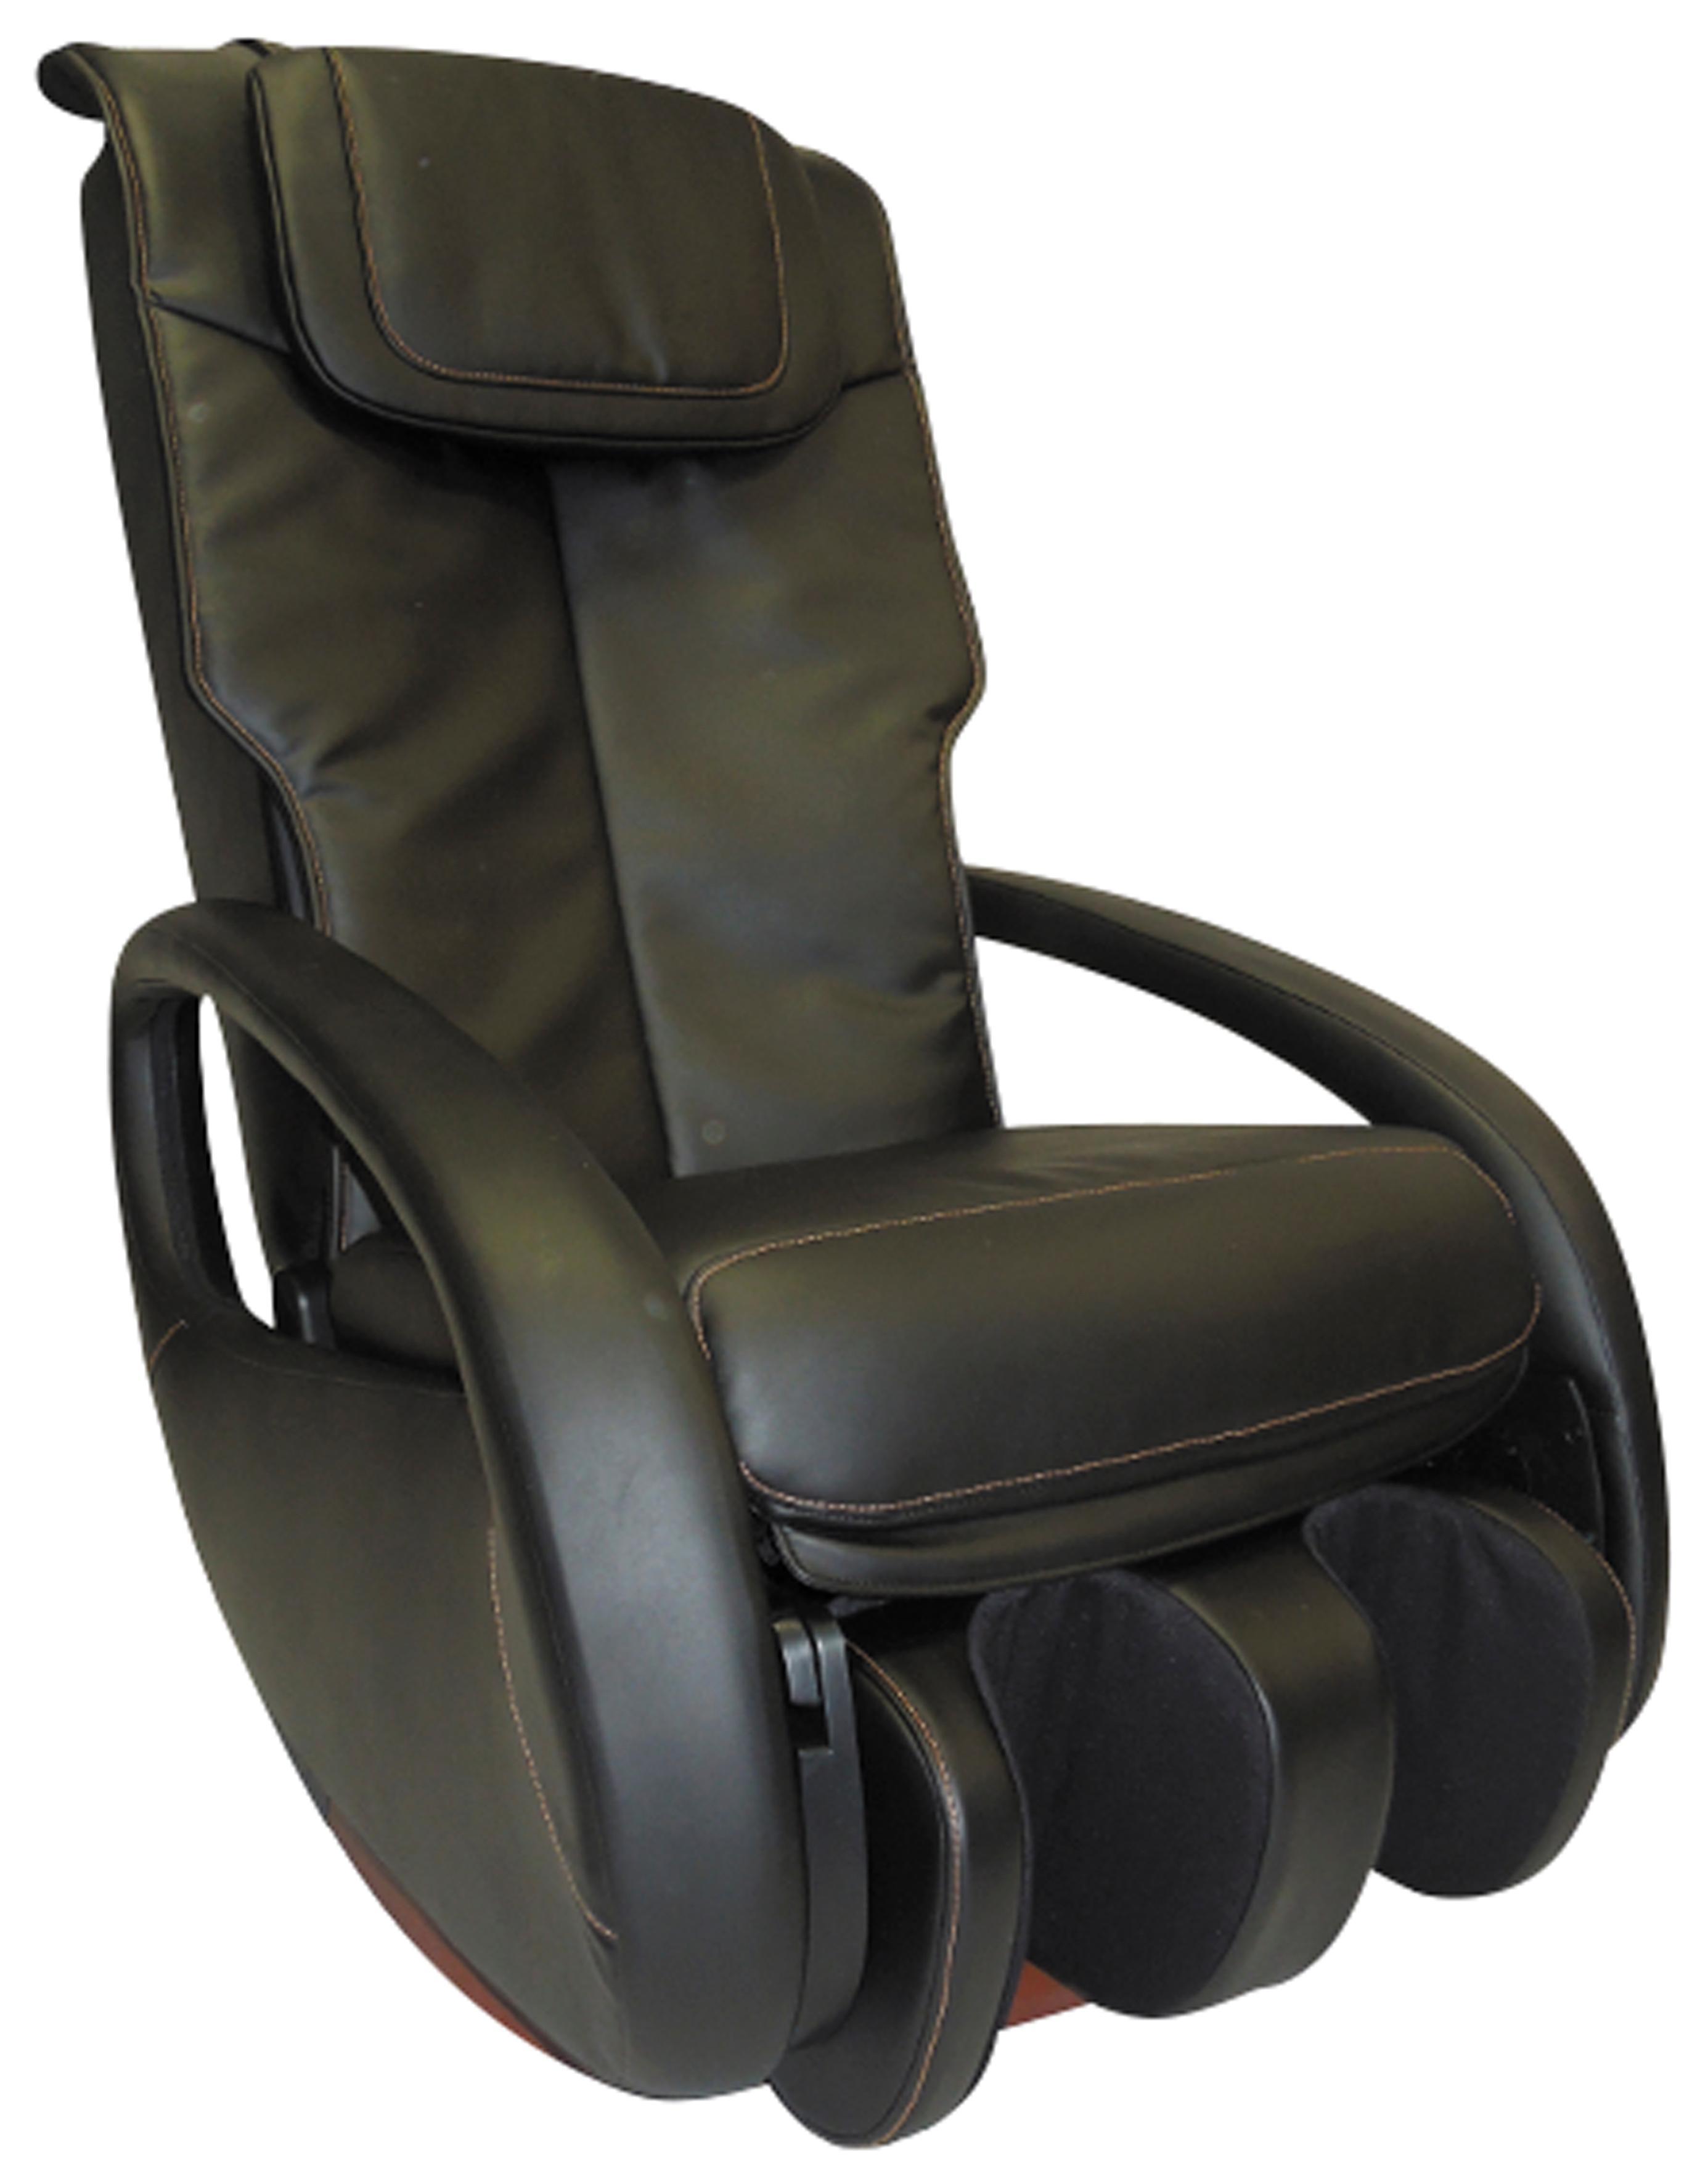 Massagesessel | Wohnzimmer > Sessel > Massagesessel | Schwarz | Kunstleder